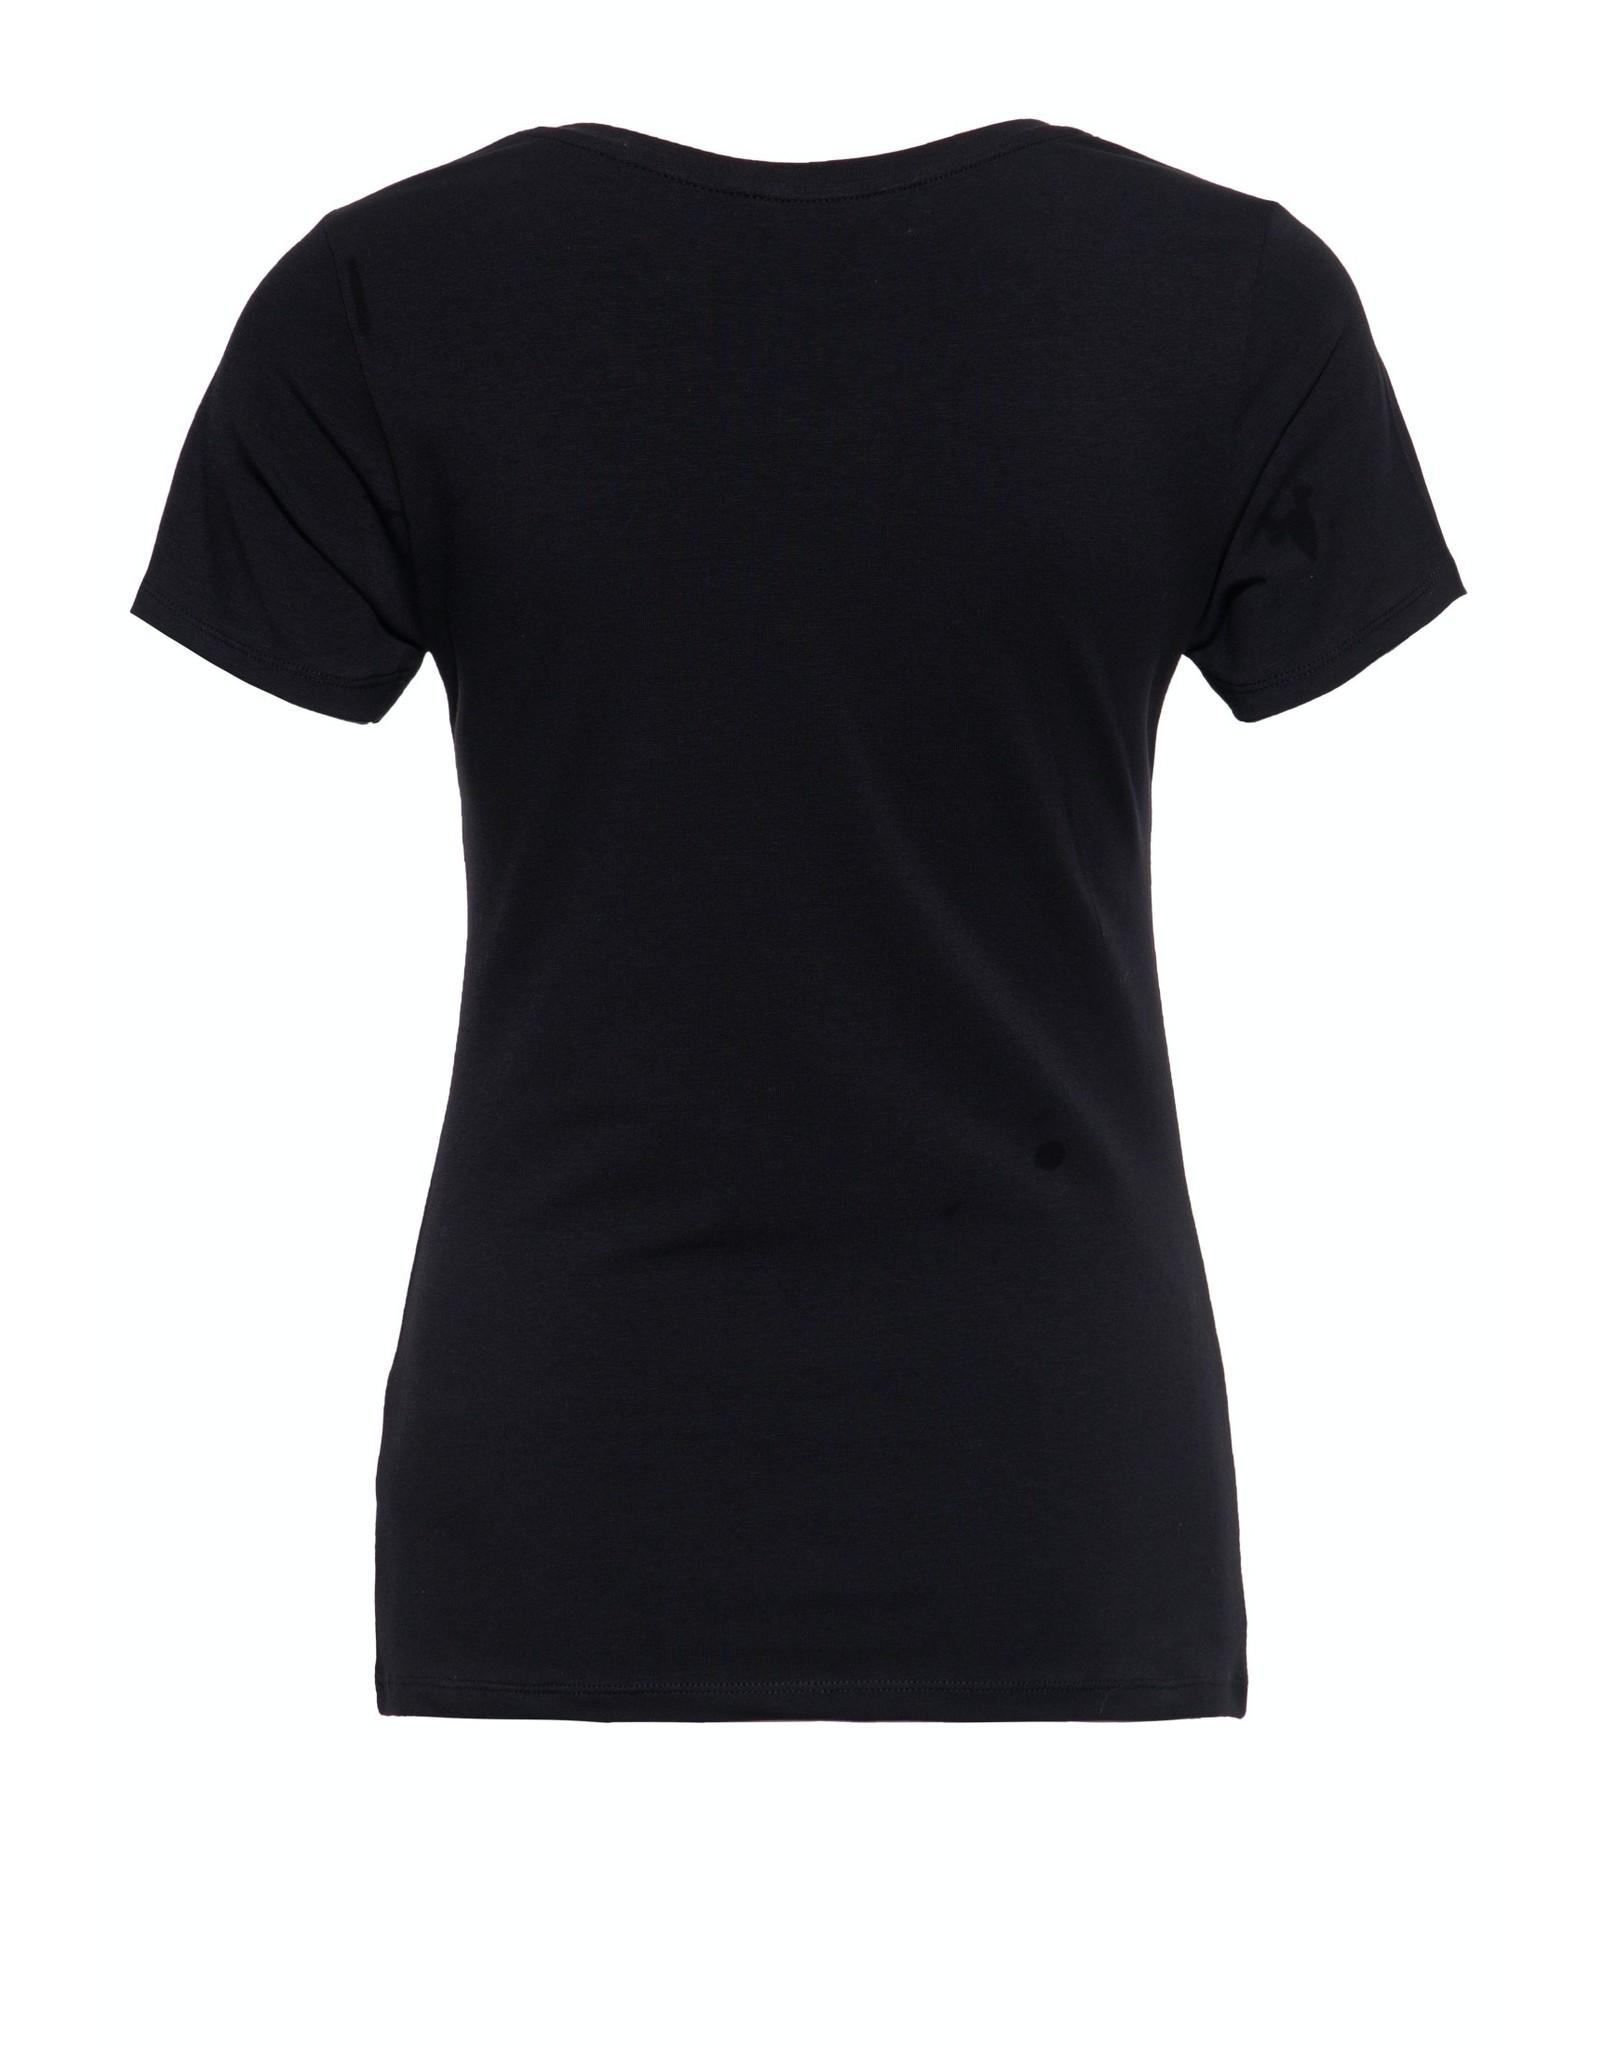 Queen Kerosin Queen Kerosin T-Shirt I Can Do It in Black